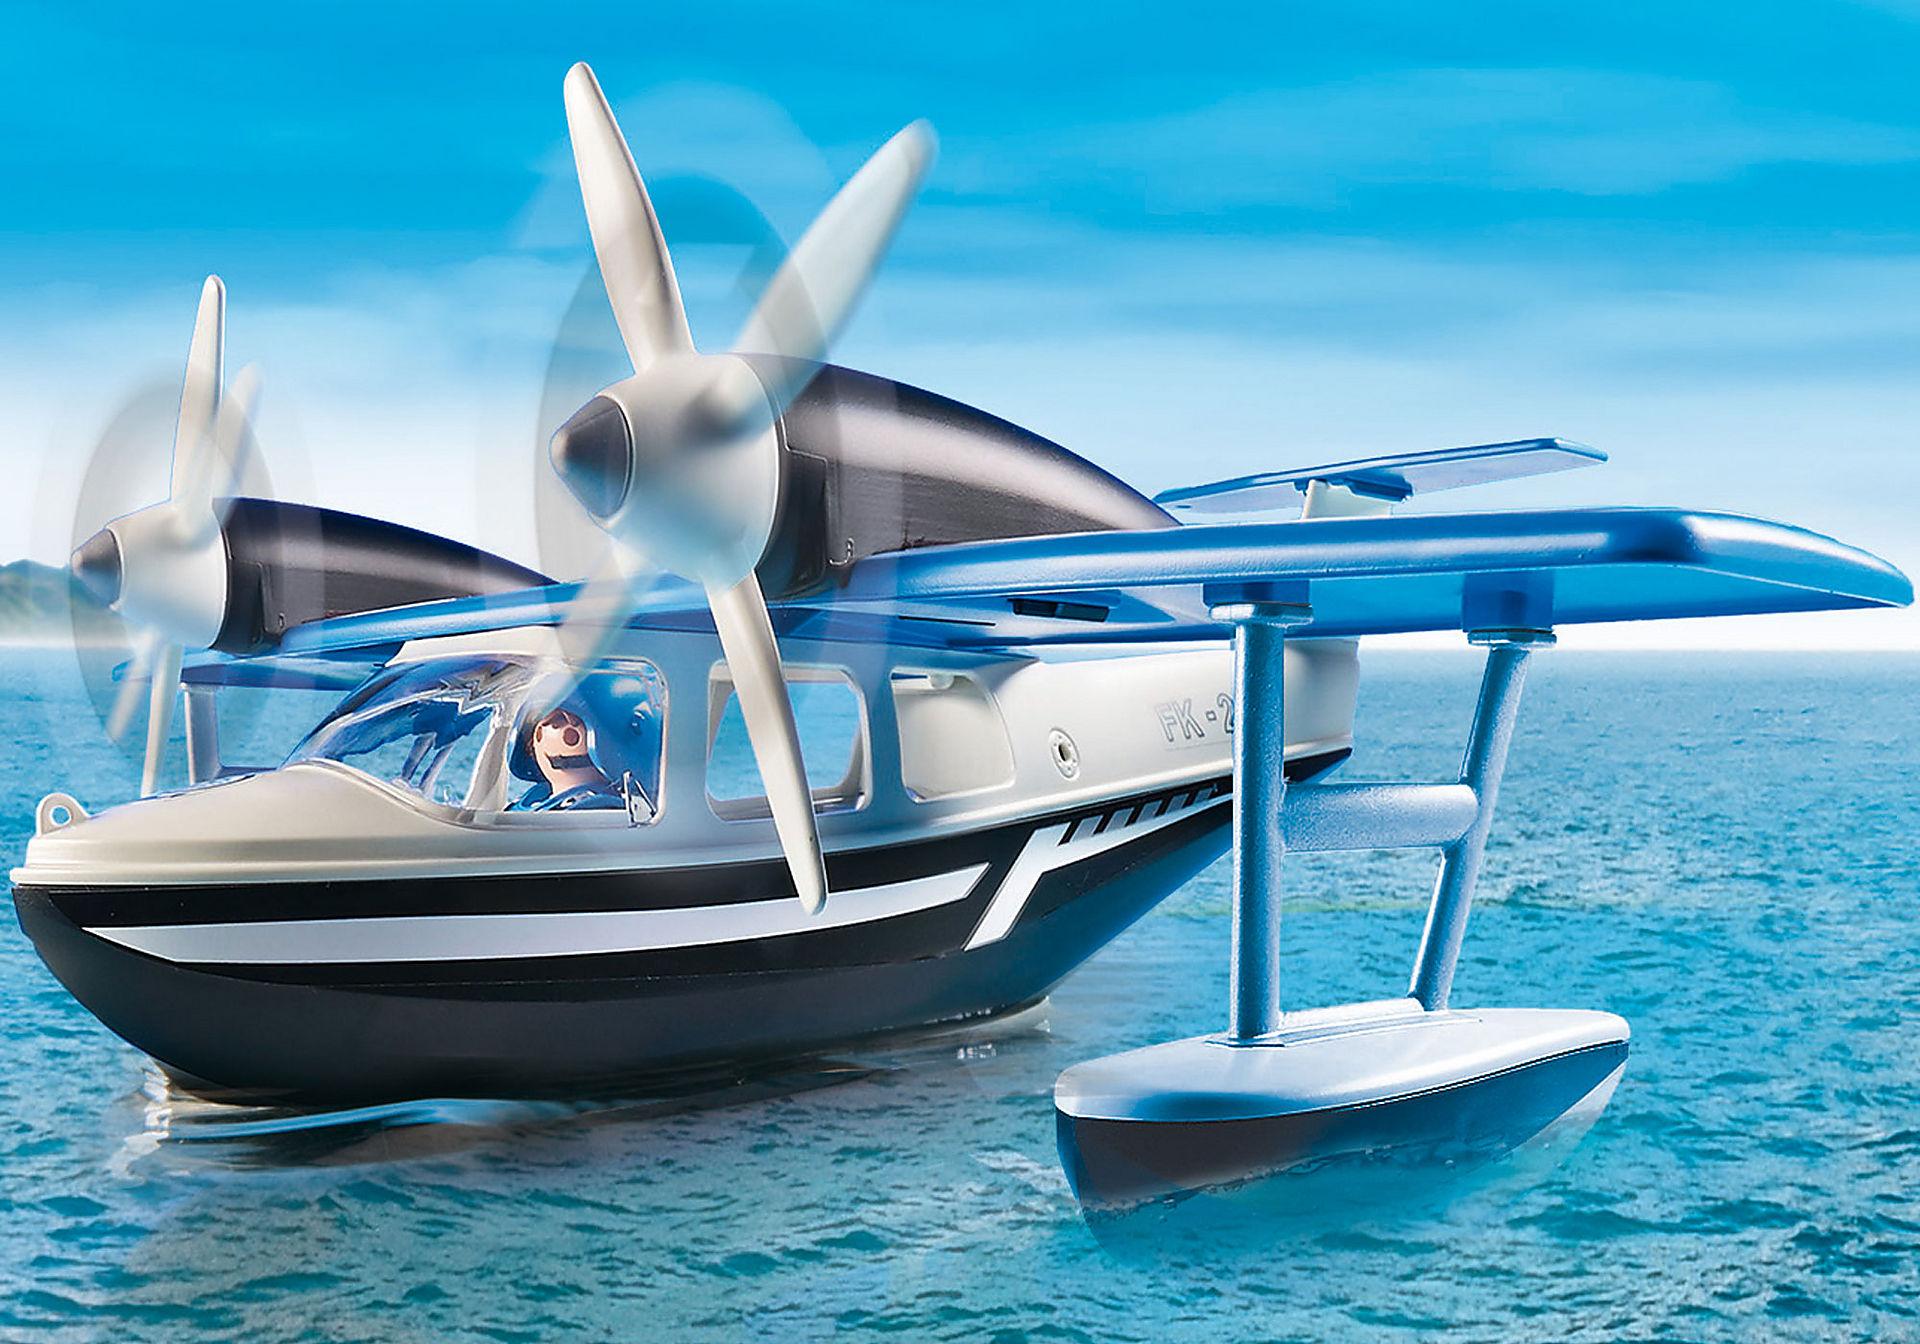 9436 Polizei-Wasserflugzeug zoom image8